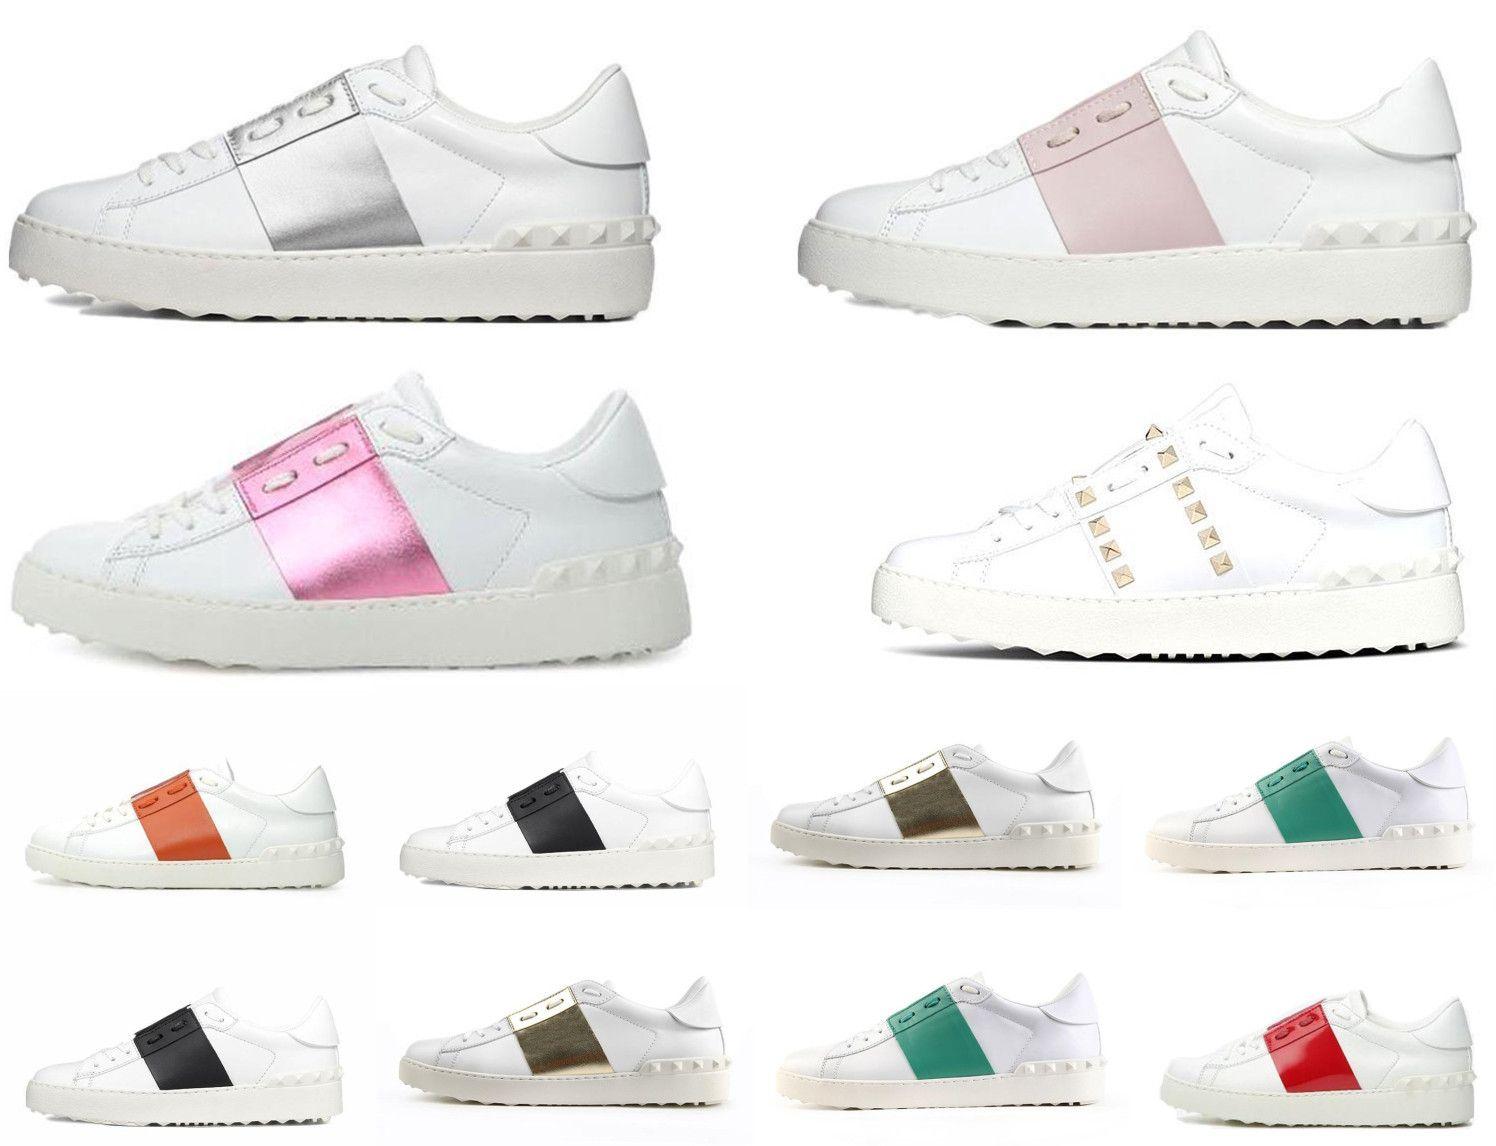 2021 أعلى الأزياء مرصعة الثلاثي الأبيض VLTN أحذية الرجال النساء عارضة حذاء جلد البقر المدربين المدربين الرياضة رياضة الأعلى